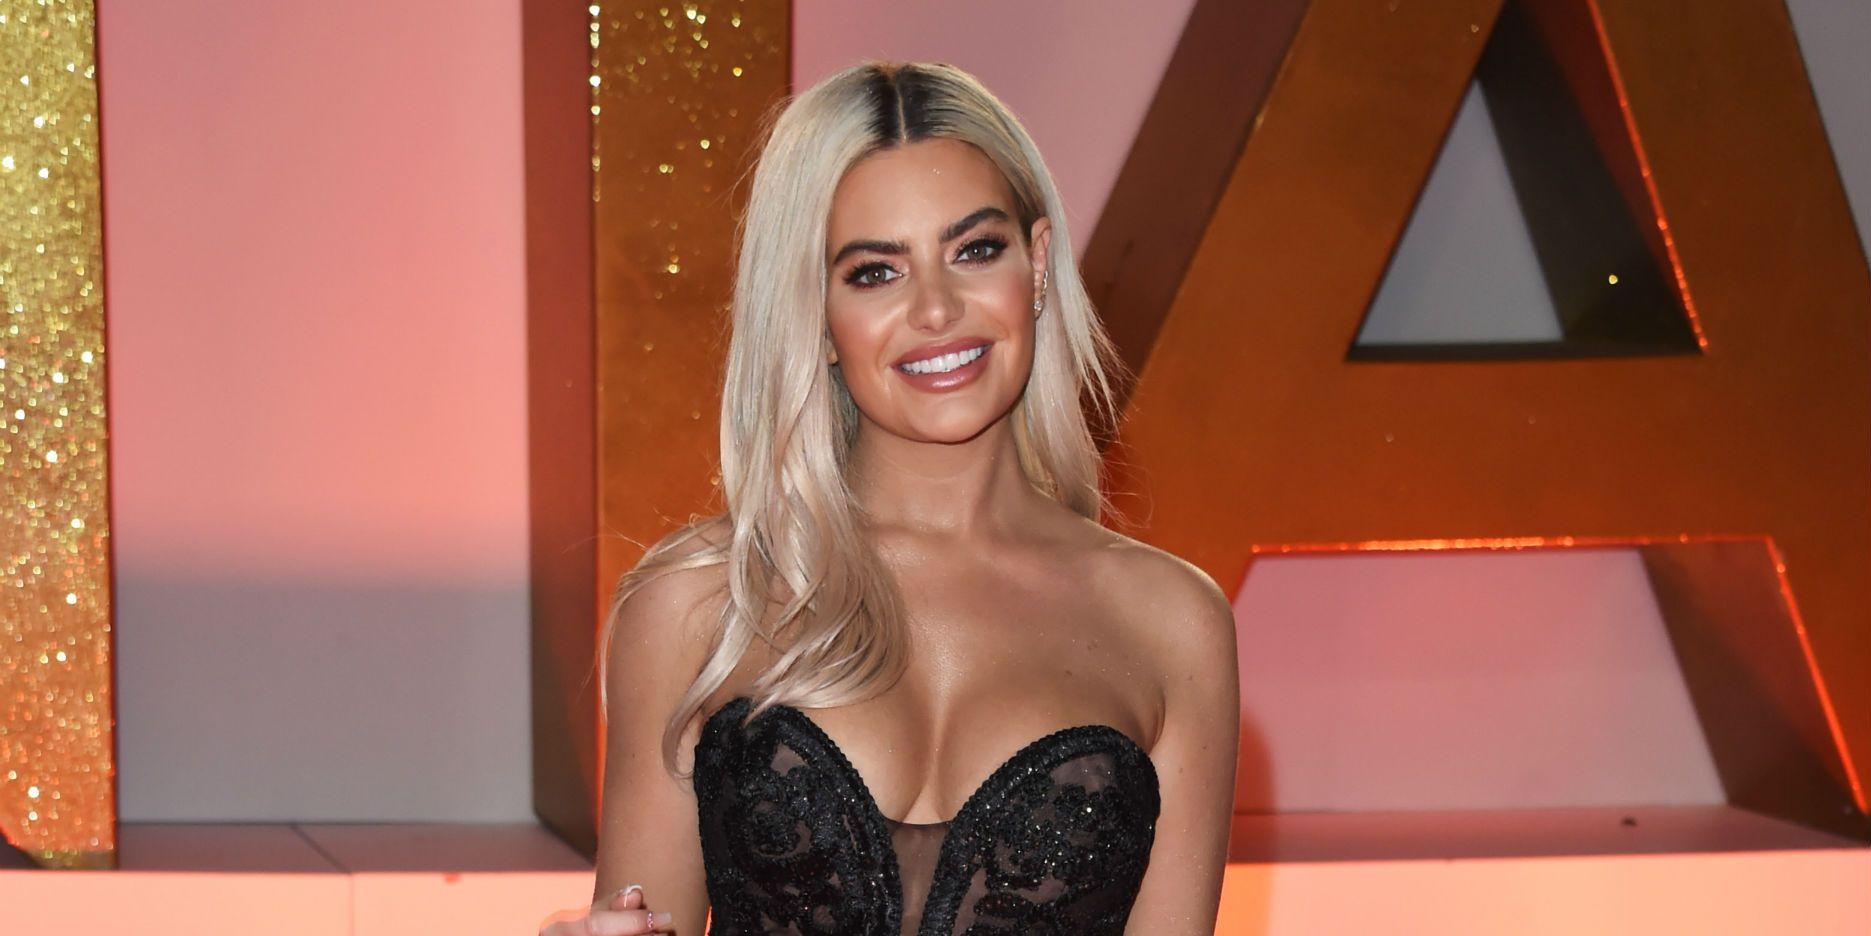 Megan Barton Hanson at National Television Awards in January 2019